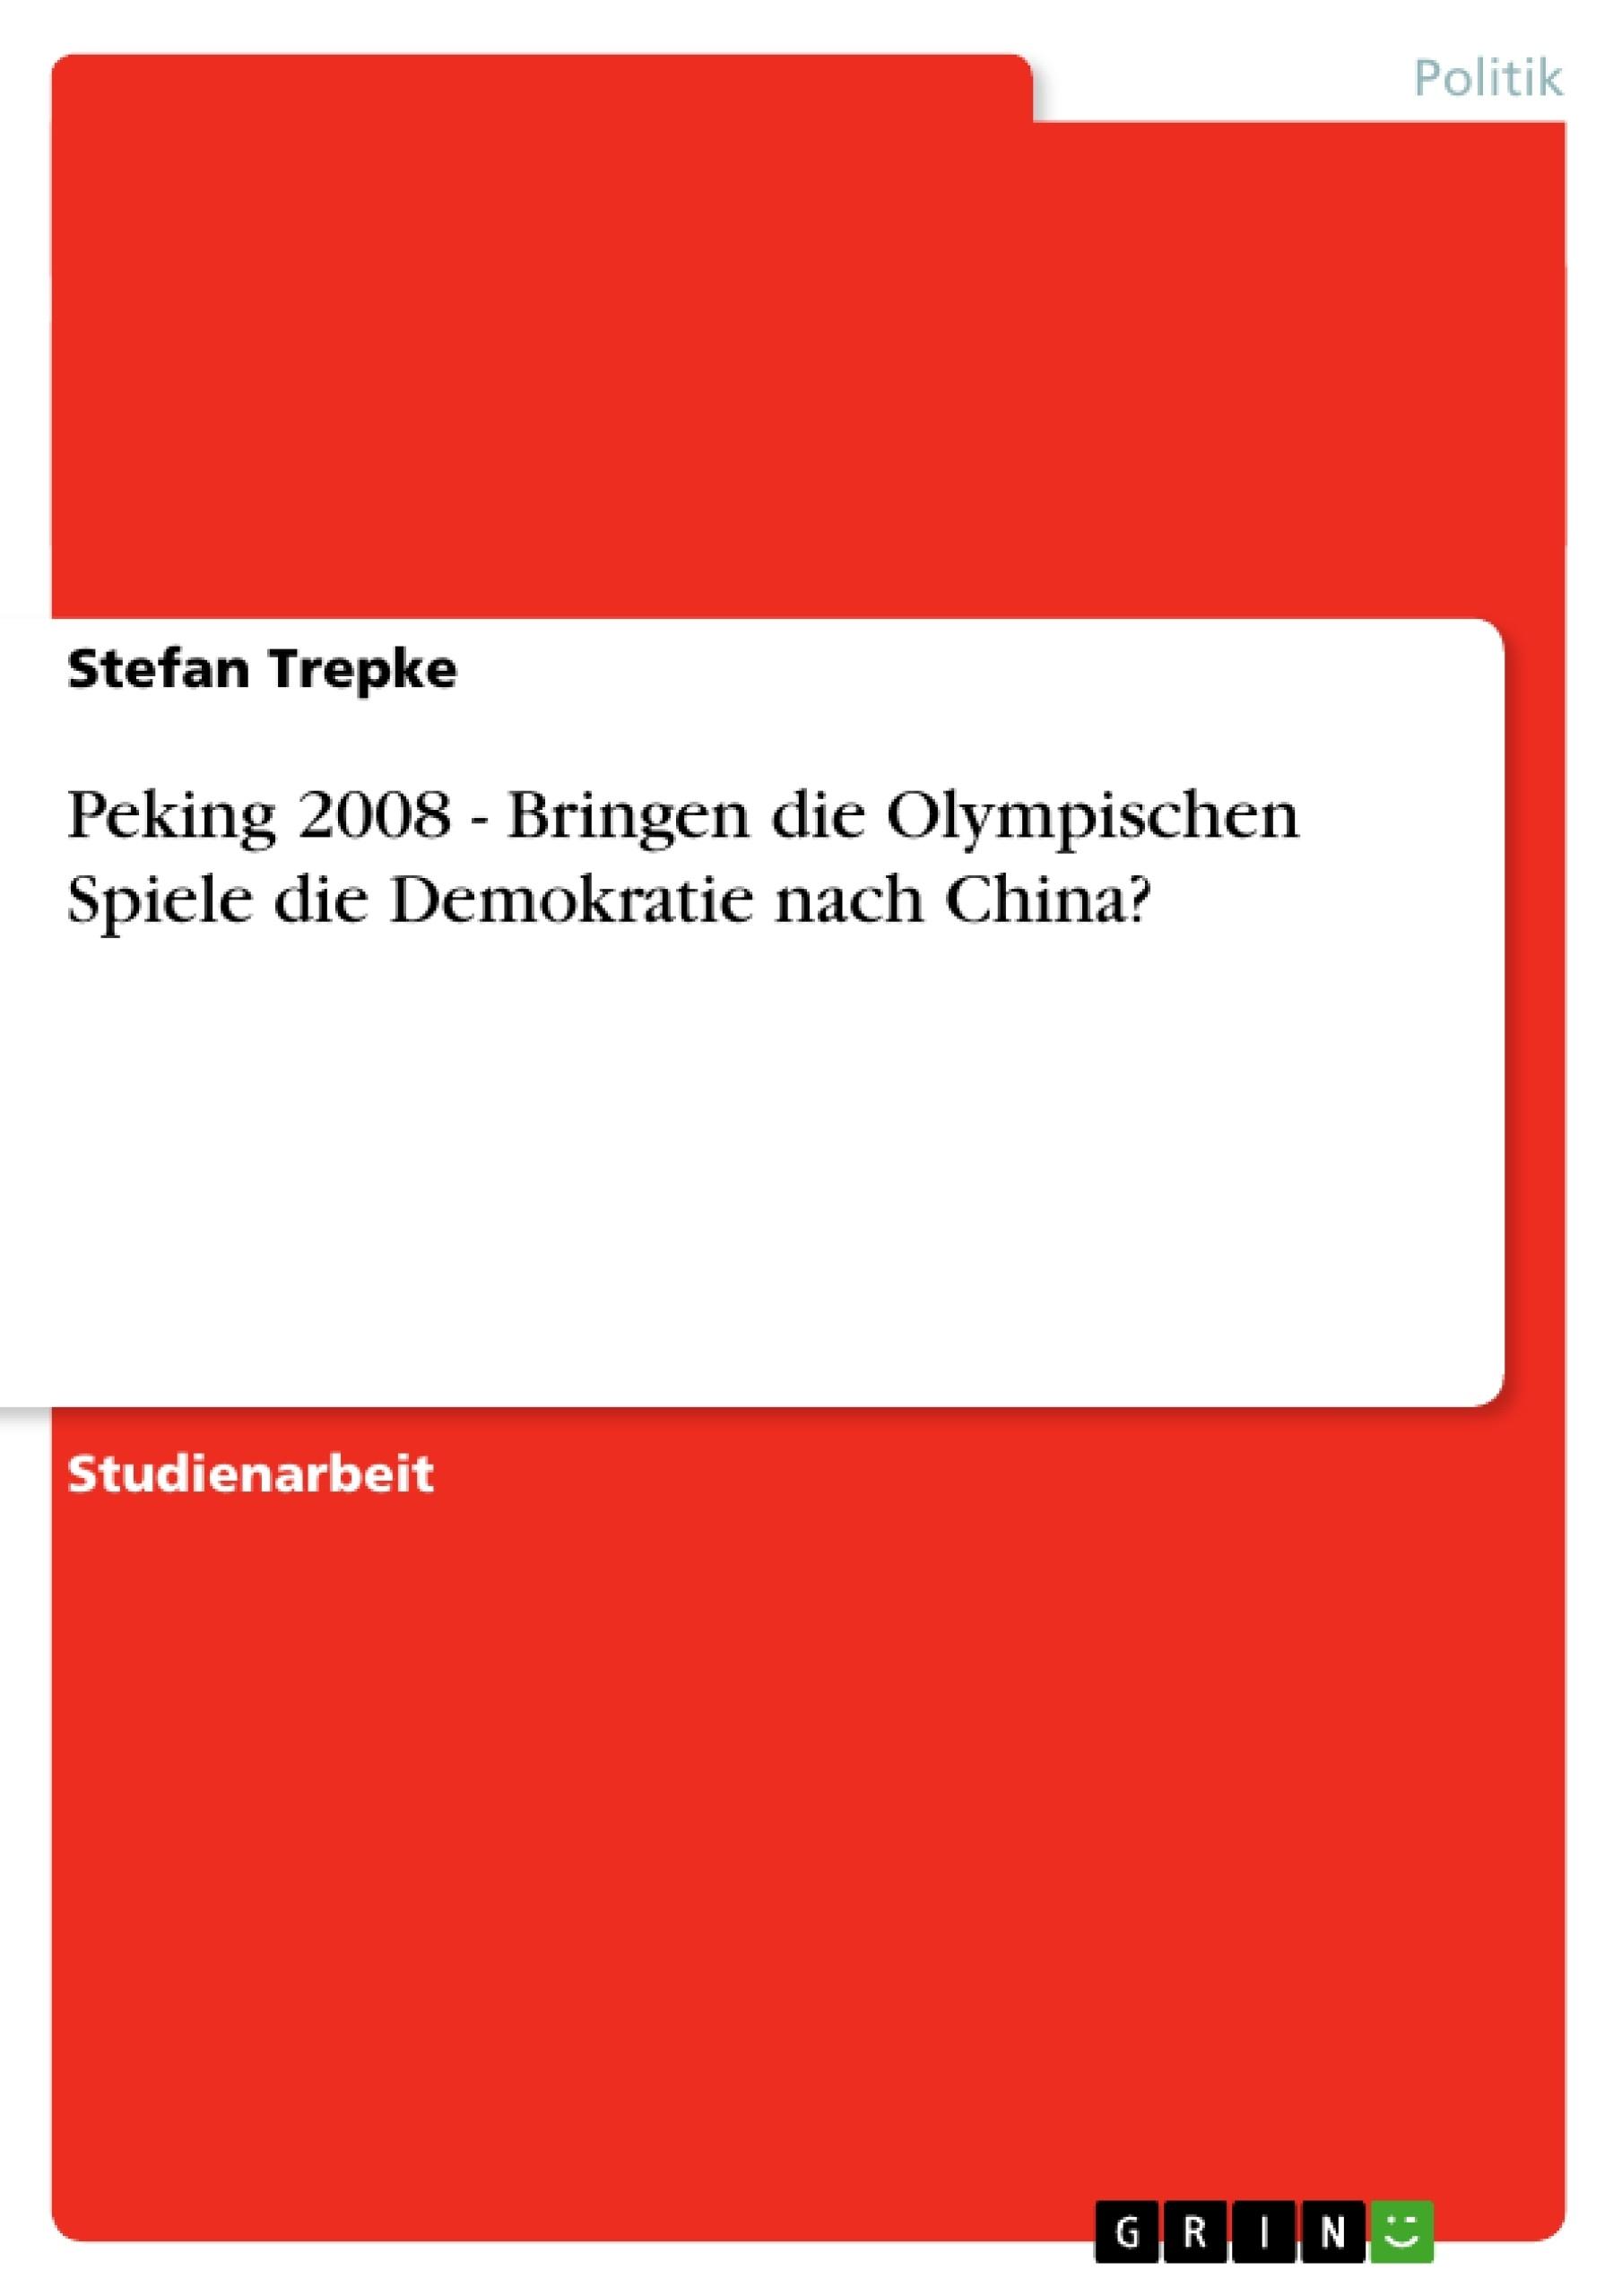 Titel: Peking 2008 - Bringen die Olympischen Spiele die Demokratie nach China?